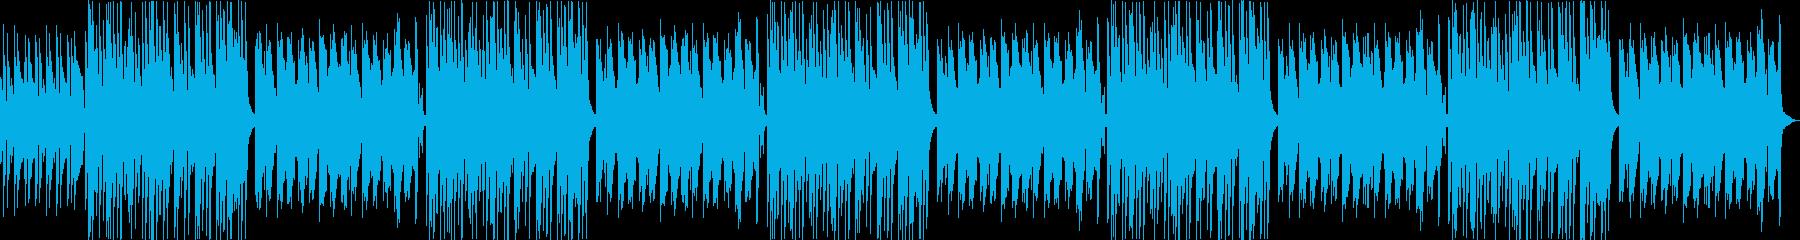 ほのぼのしたトイピアノがかわいいBGMの再生済みの波形